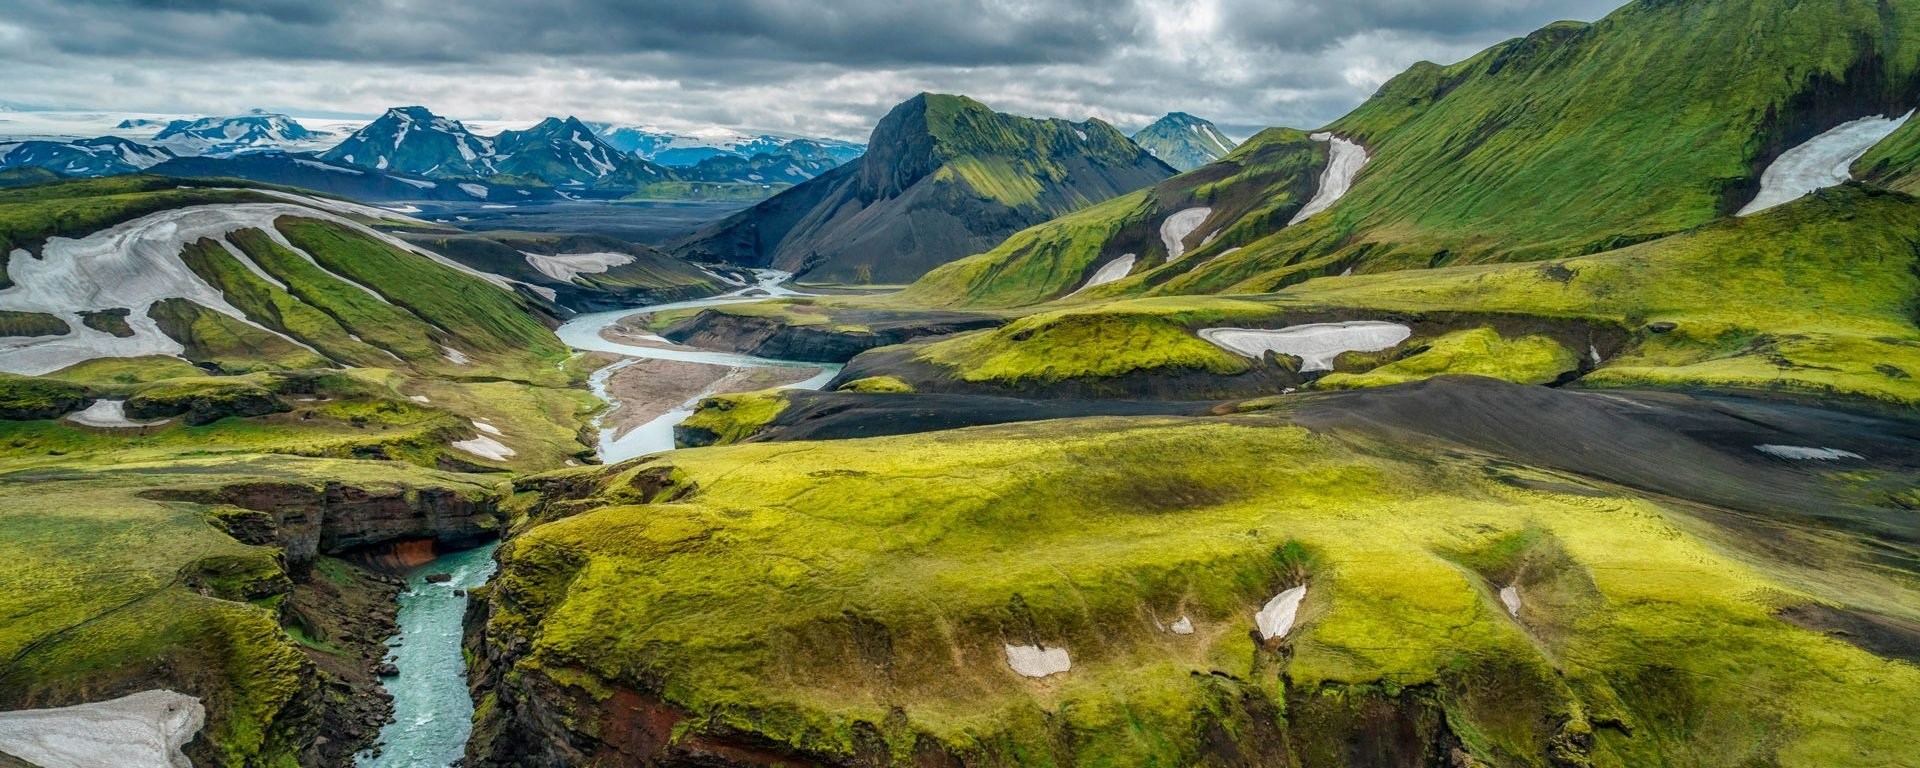 HoneyFund - Honeymoon to Iceland